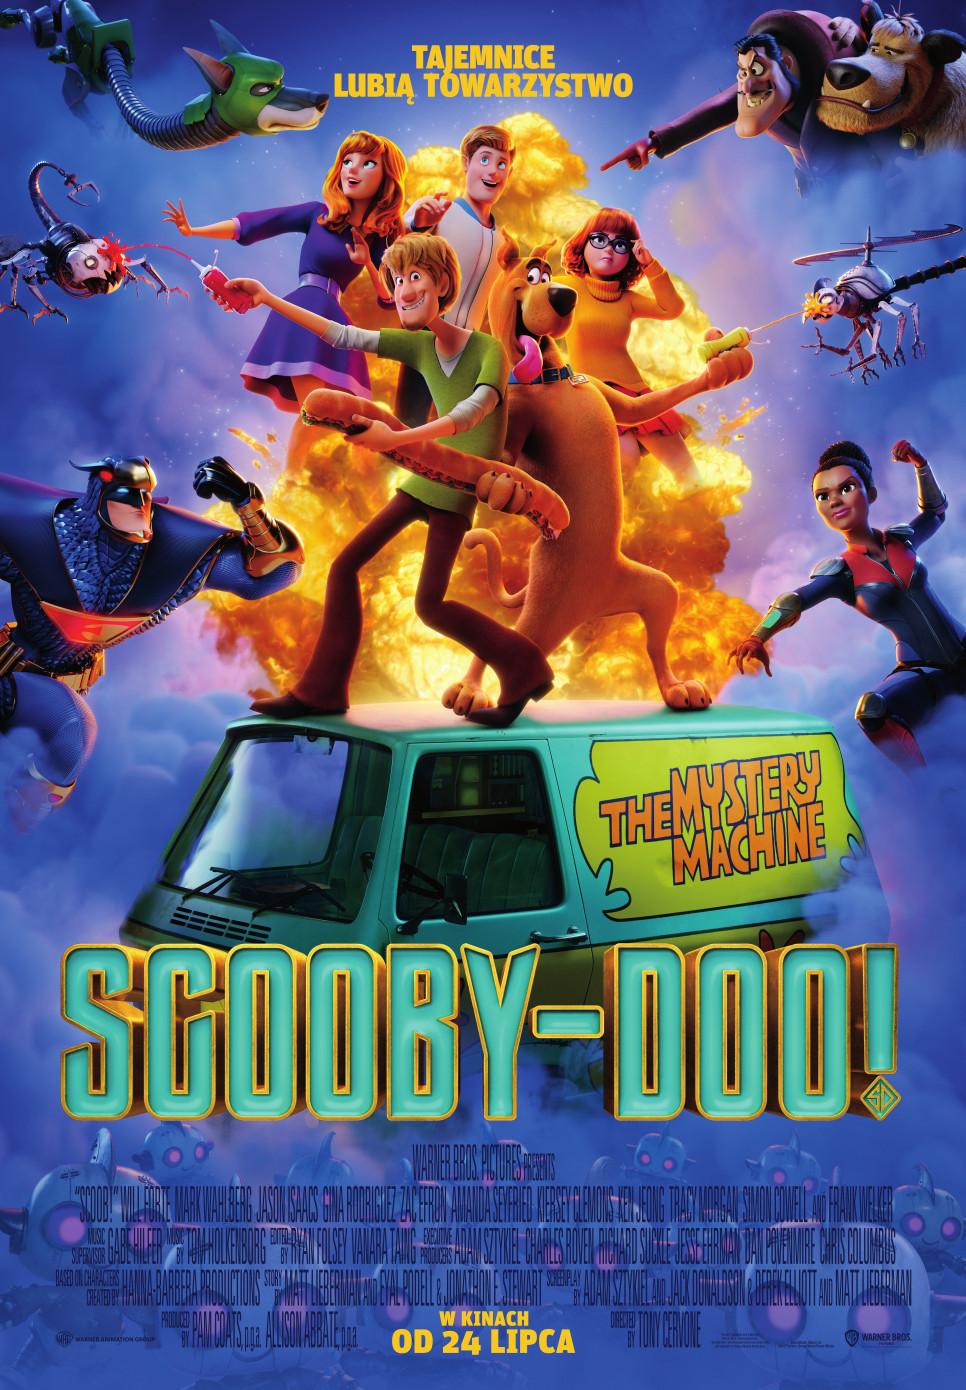 Kino Scooby Doo